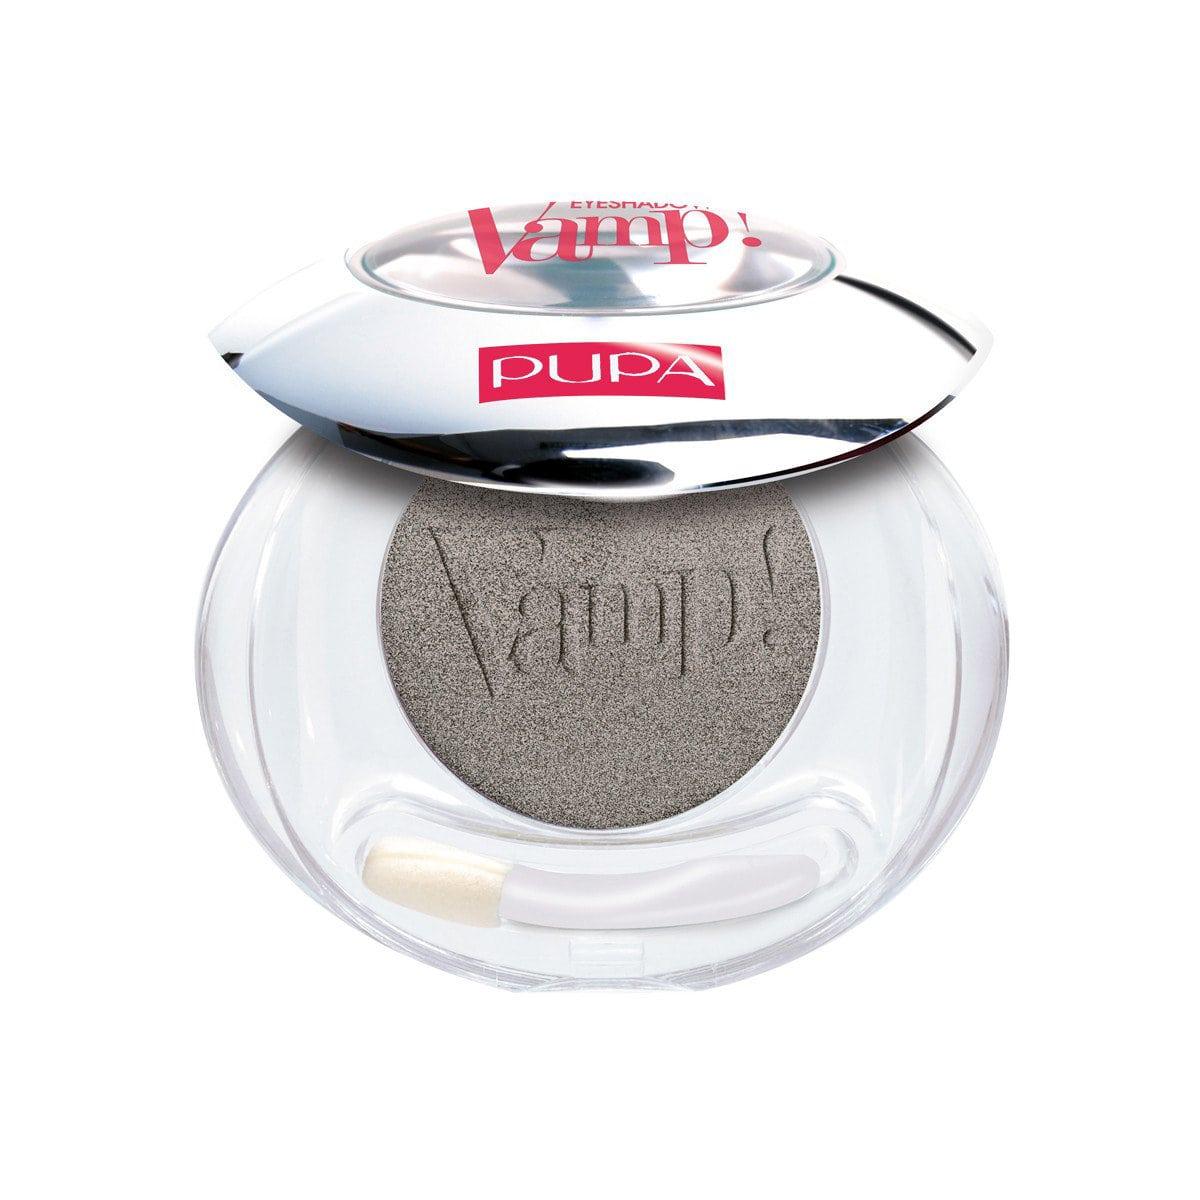 پوپا | PUPA - سایه چشم تک رنگ پوپا Vamp! Compact Eyeshadow 400